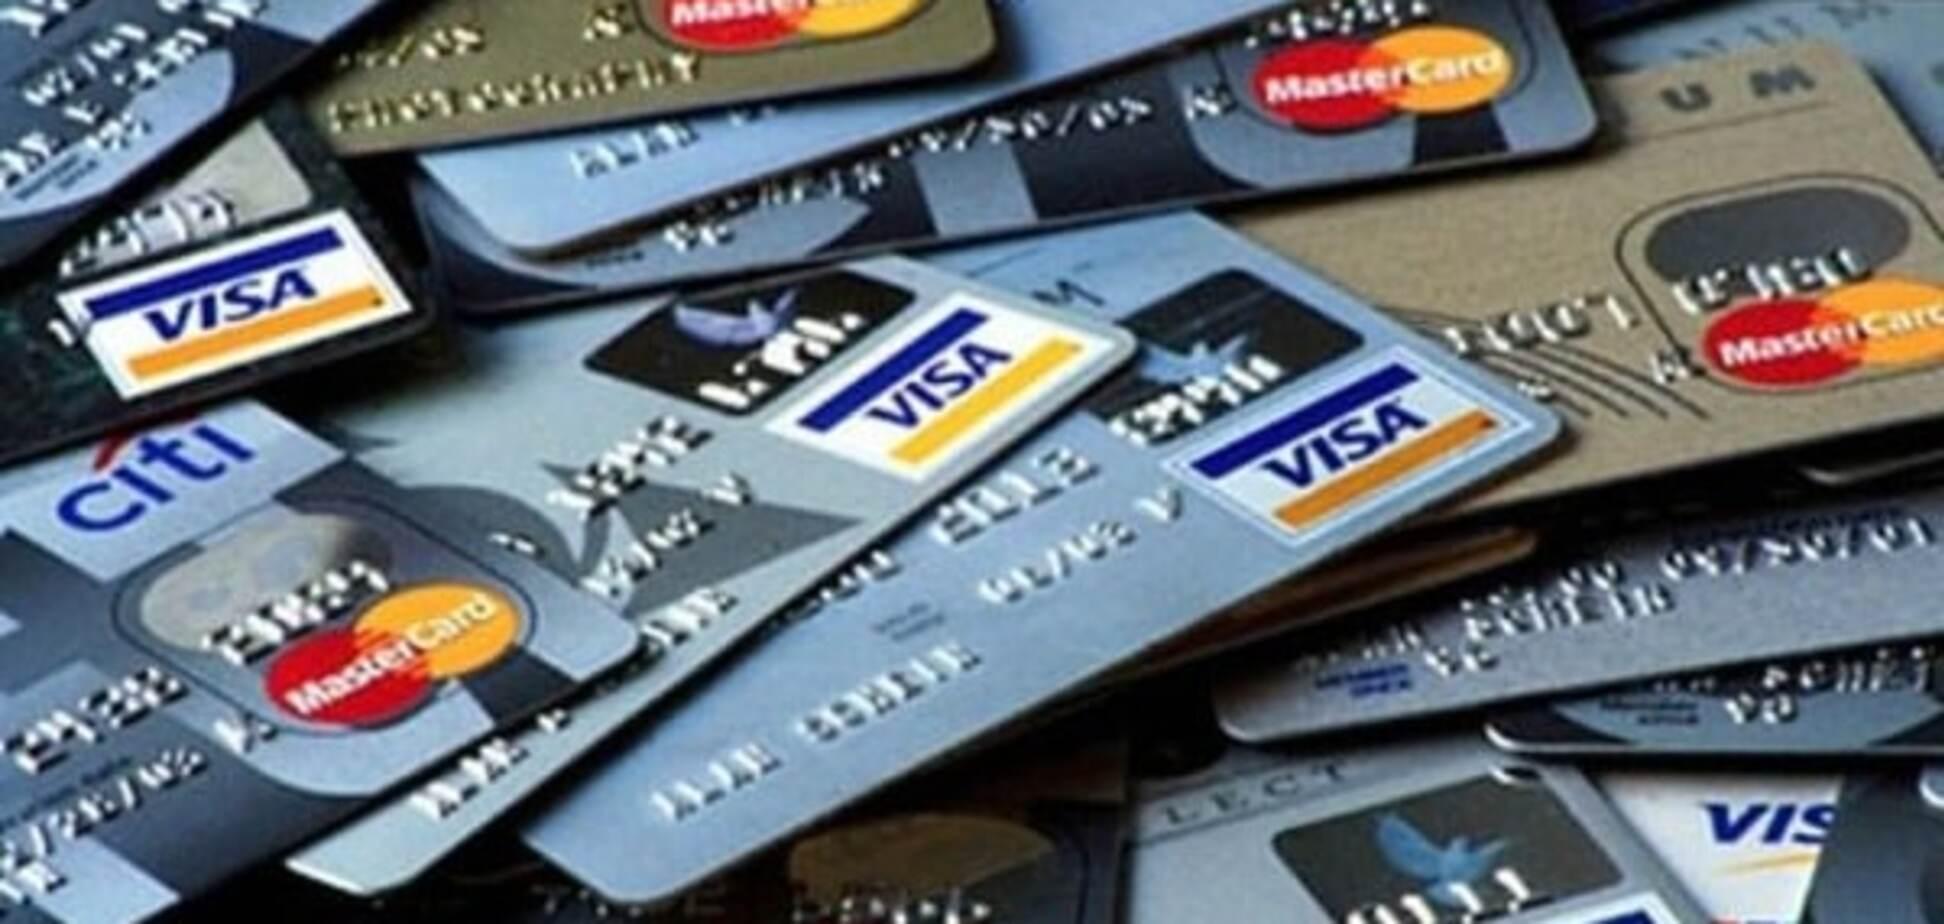 НС у київському банку: клієнт 'свиснув' ящик із кредитними картами